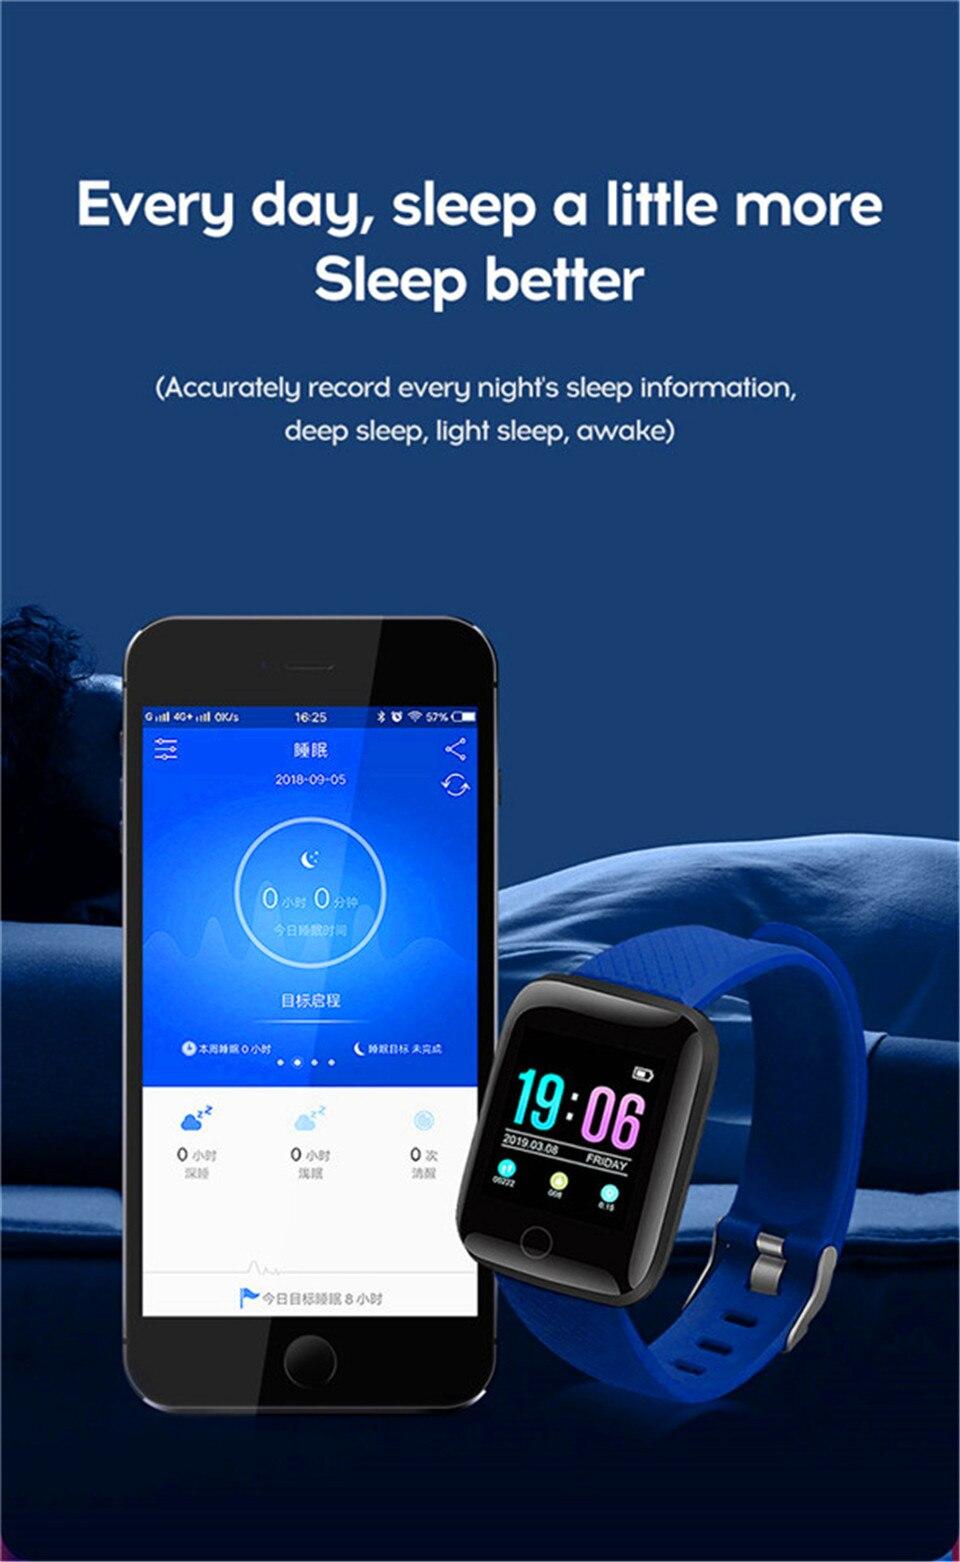 HTB1on6oOY2pK1RjSZFsq6yNlXXas Smart Wristband Heart Rate Monitor Smart Fitness Bracelet Blood Pressure Waterproof IP67 Fitness Tracker Watch For Women Men